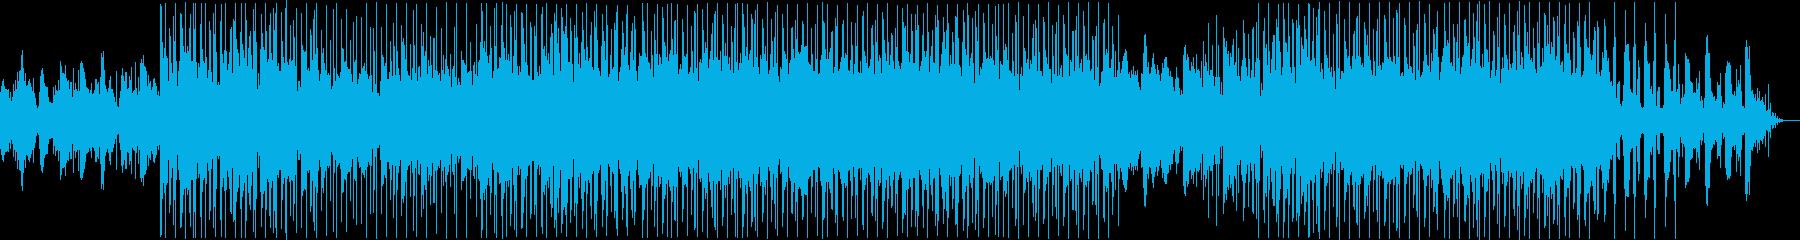 ピアノメインのChill Hip Hopの再生済みの波形